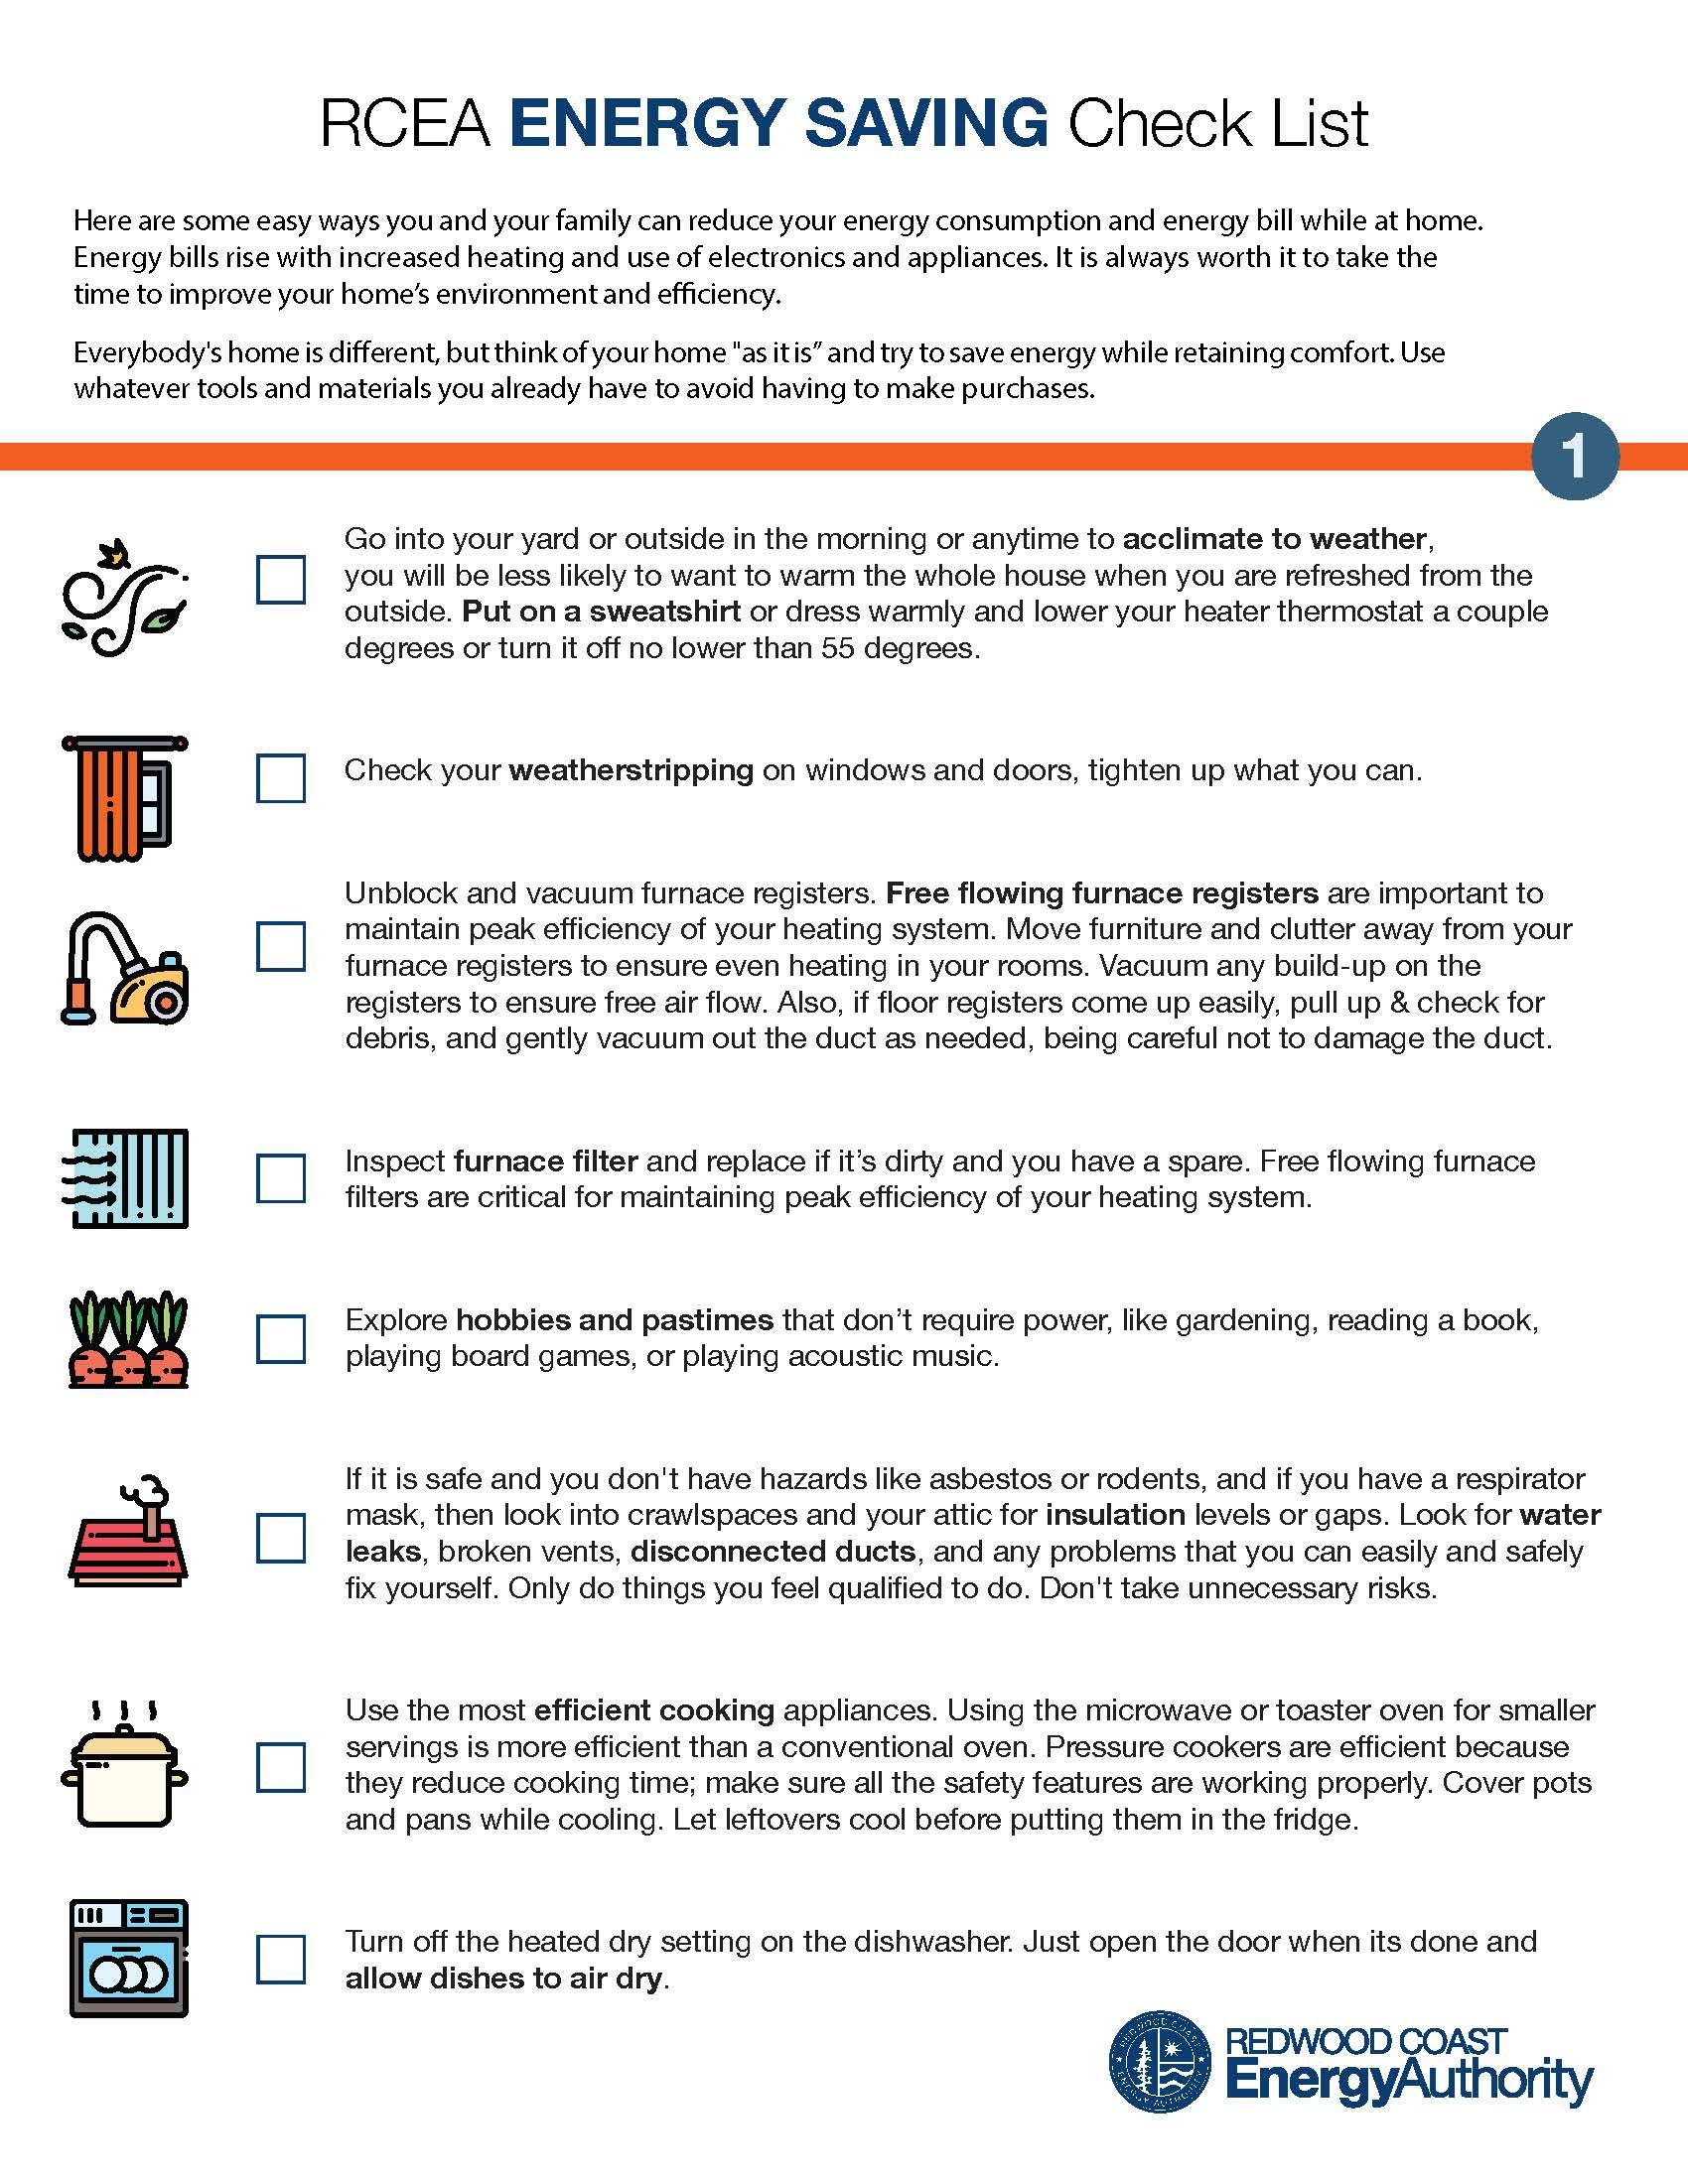 RCEA energy saving check list page 1